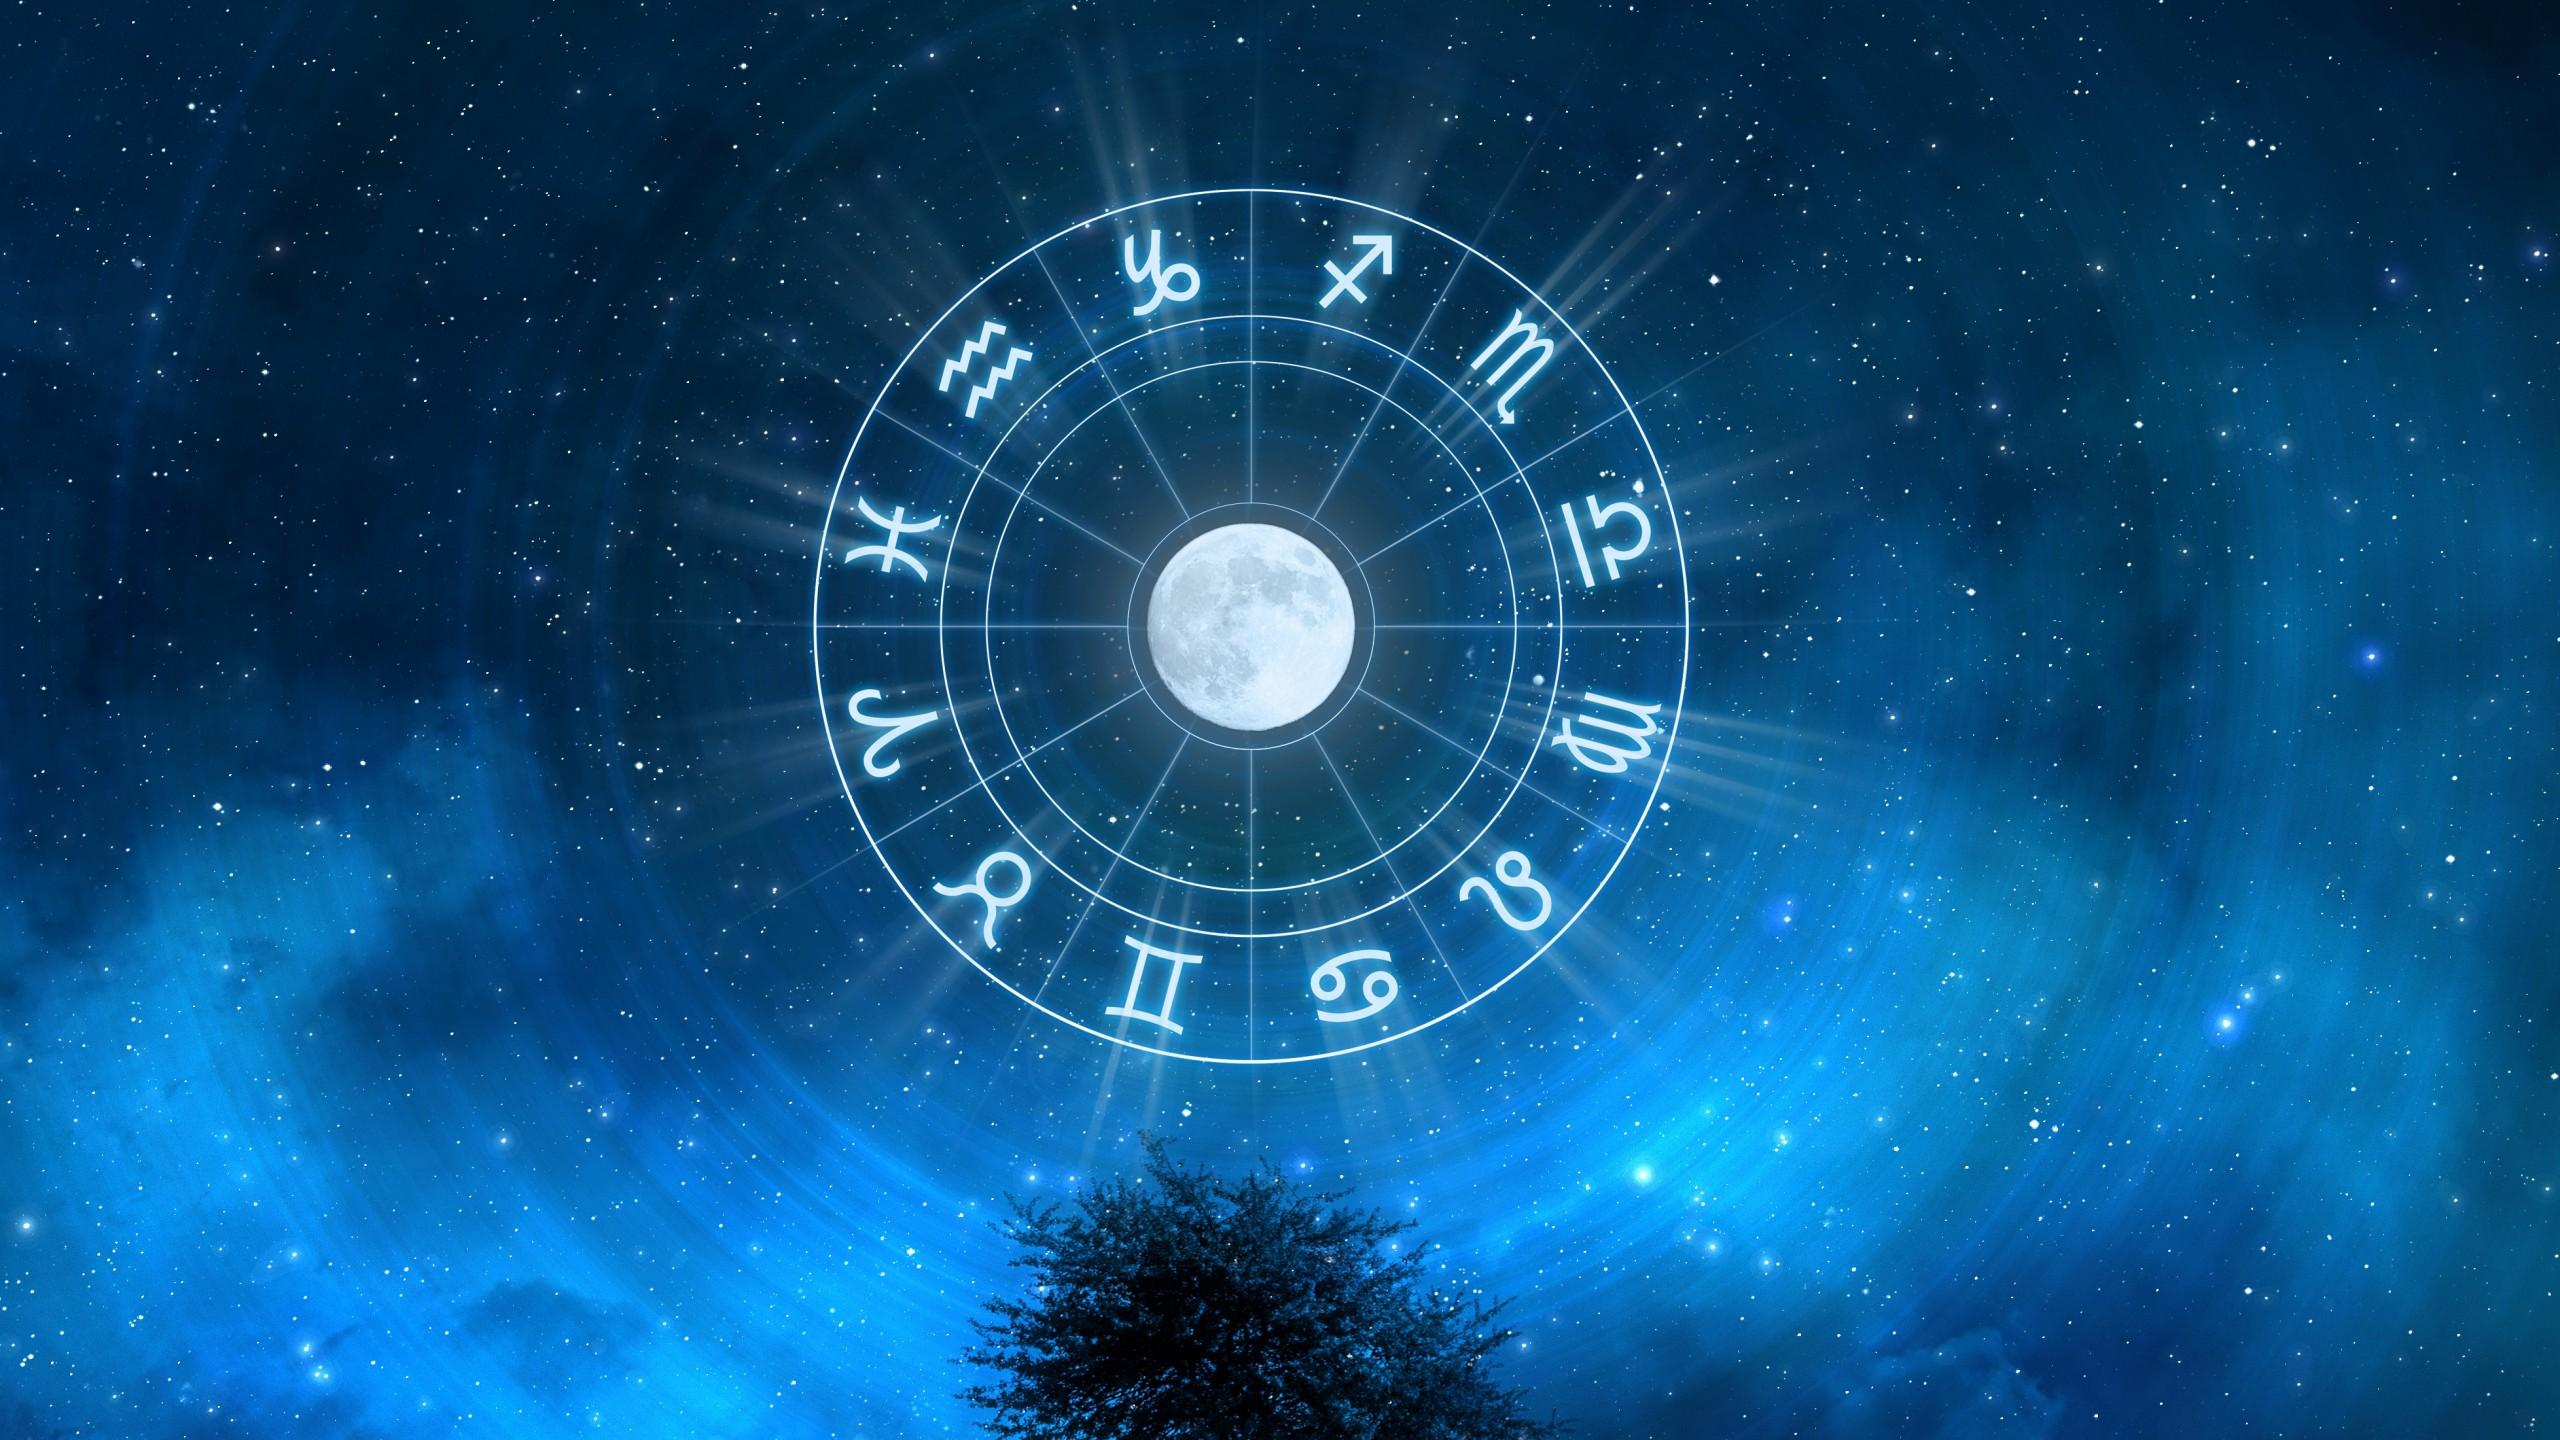 Horoscop duminică 21 iunie 2020. A doua zi de weekend vine cu vești bune